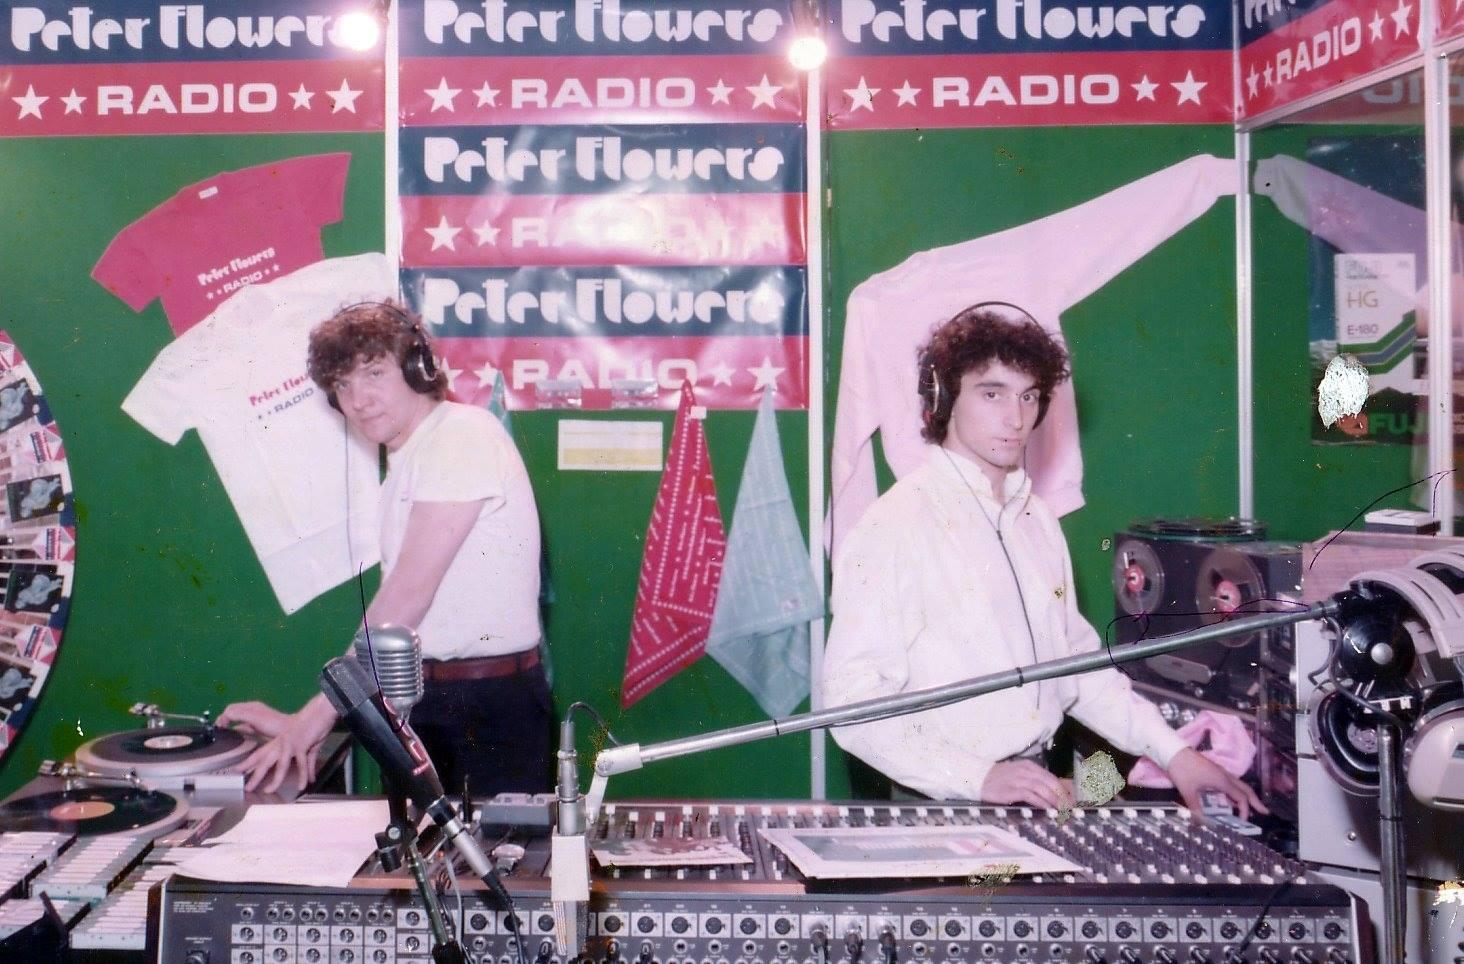 Radio Peter Flowers Gianni Bosio e Franco Lazzari - Radio. Tra rimpianti, rimorsi e occasioni perdute e un unico indiscutibile punto di non ritorno: il 1990, quando tutto cambio' per non rimanere mai piu' come prima